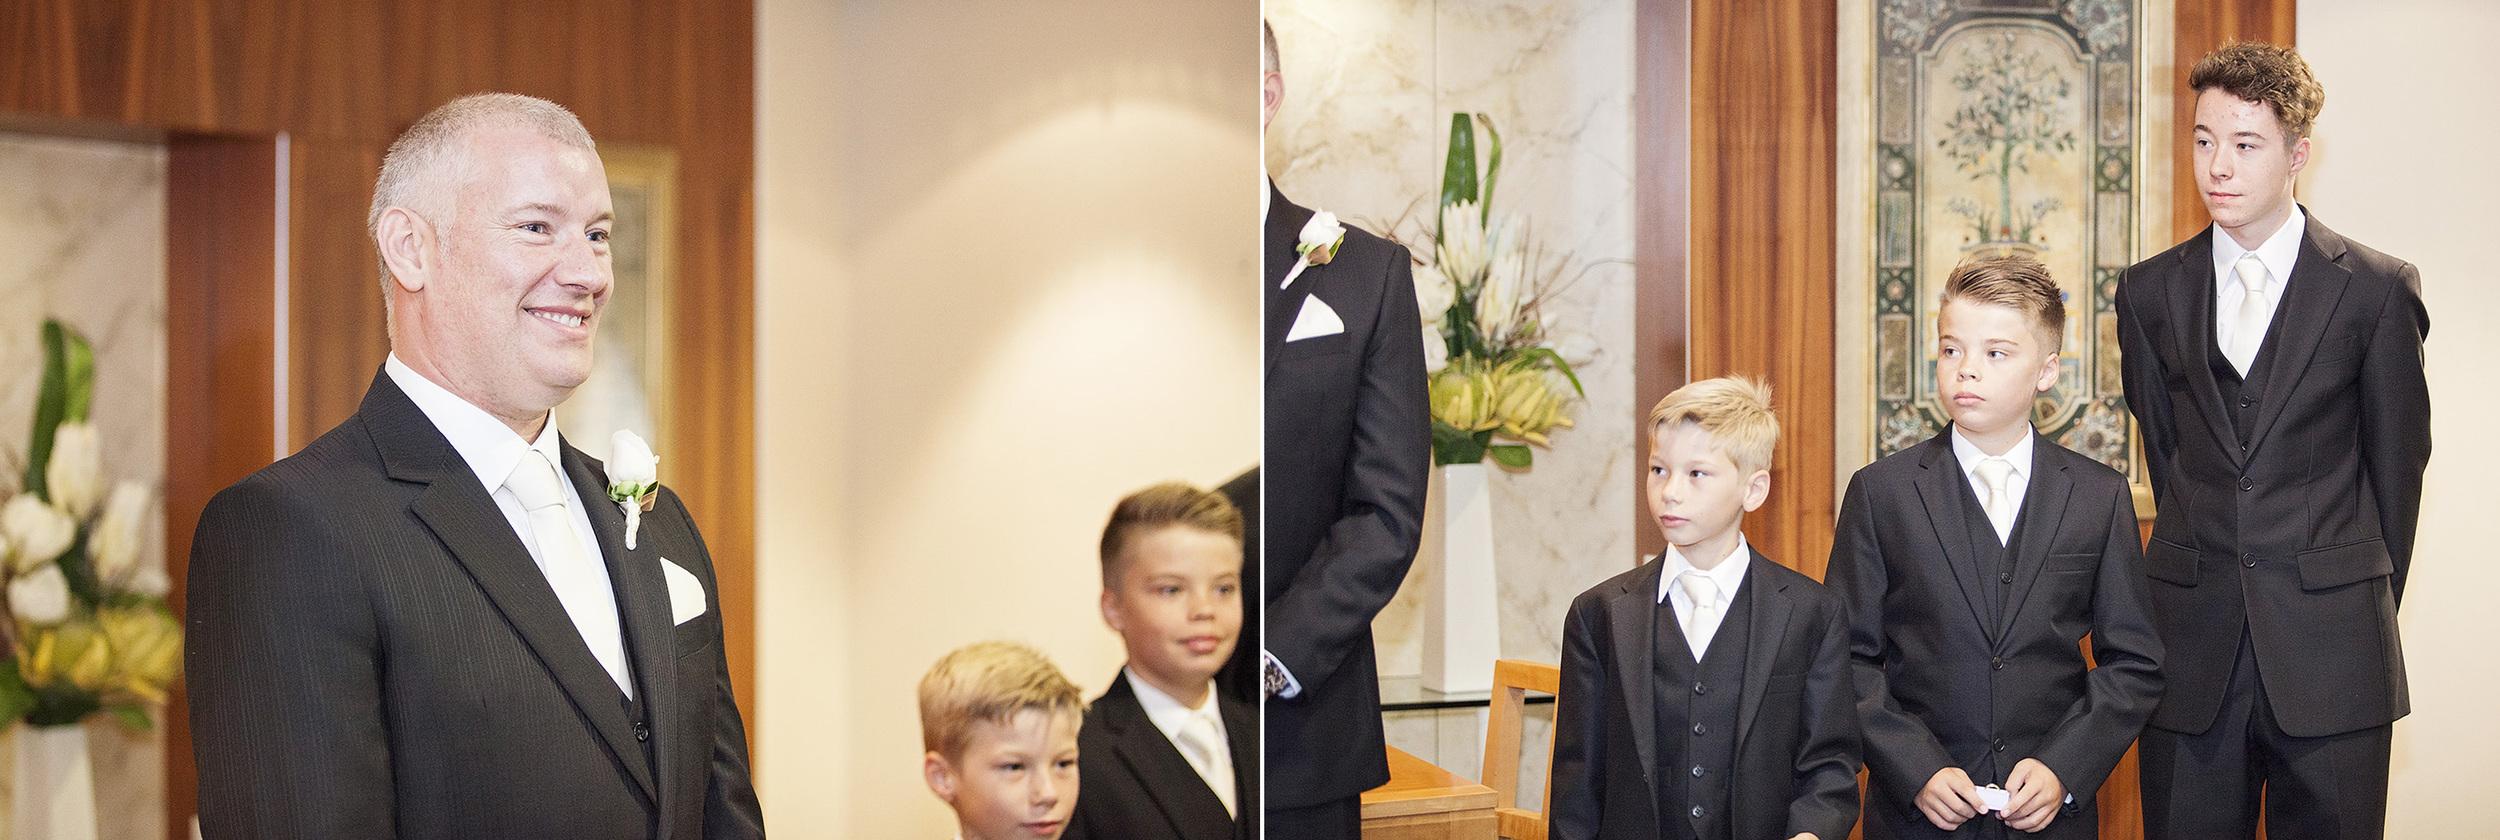 Chesser House Adelaide Registry Wedding Ceremony 002.jpg